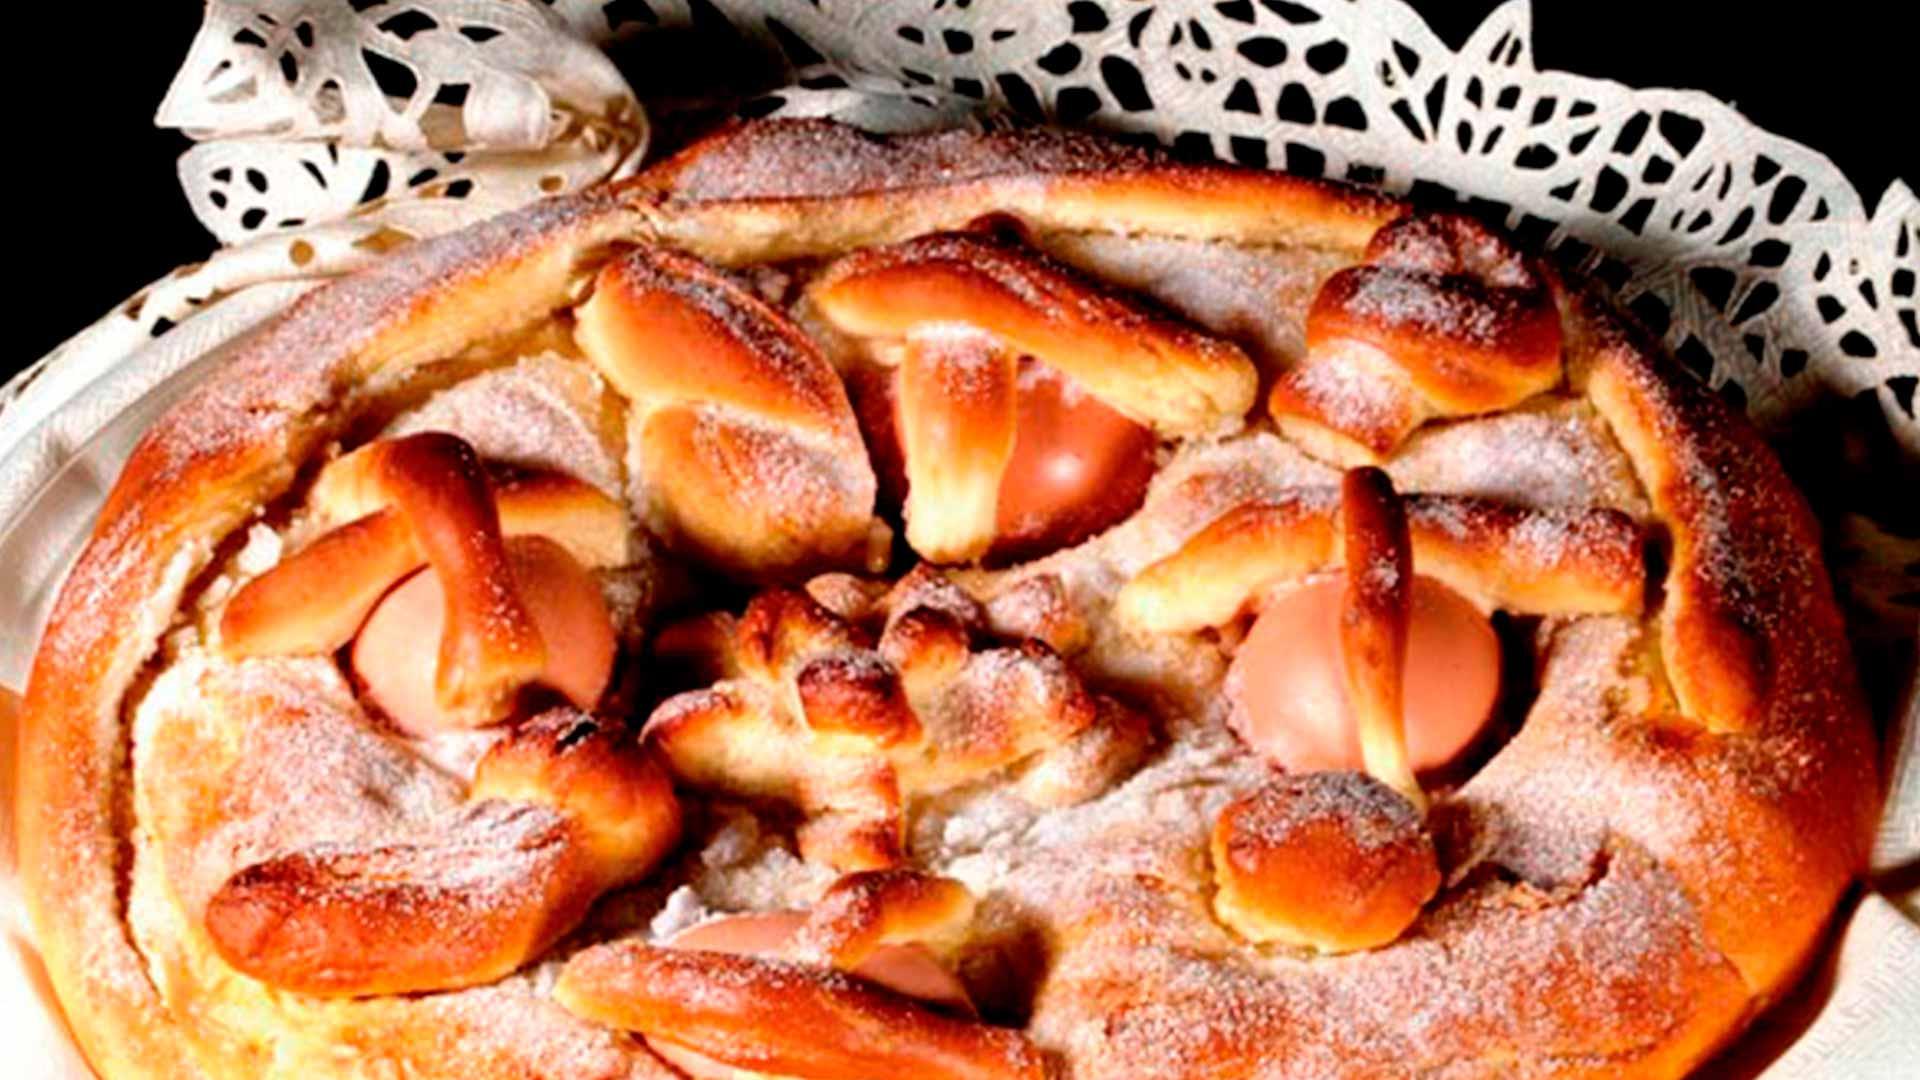 Gastronomia-Tradiciones-Coscoranas